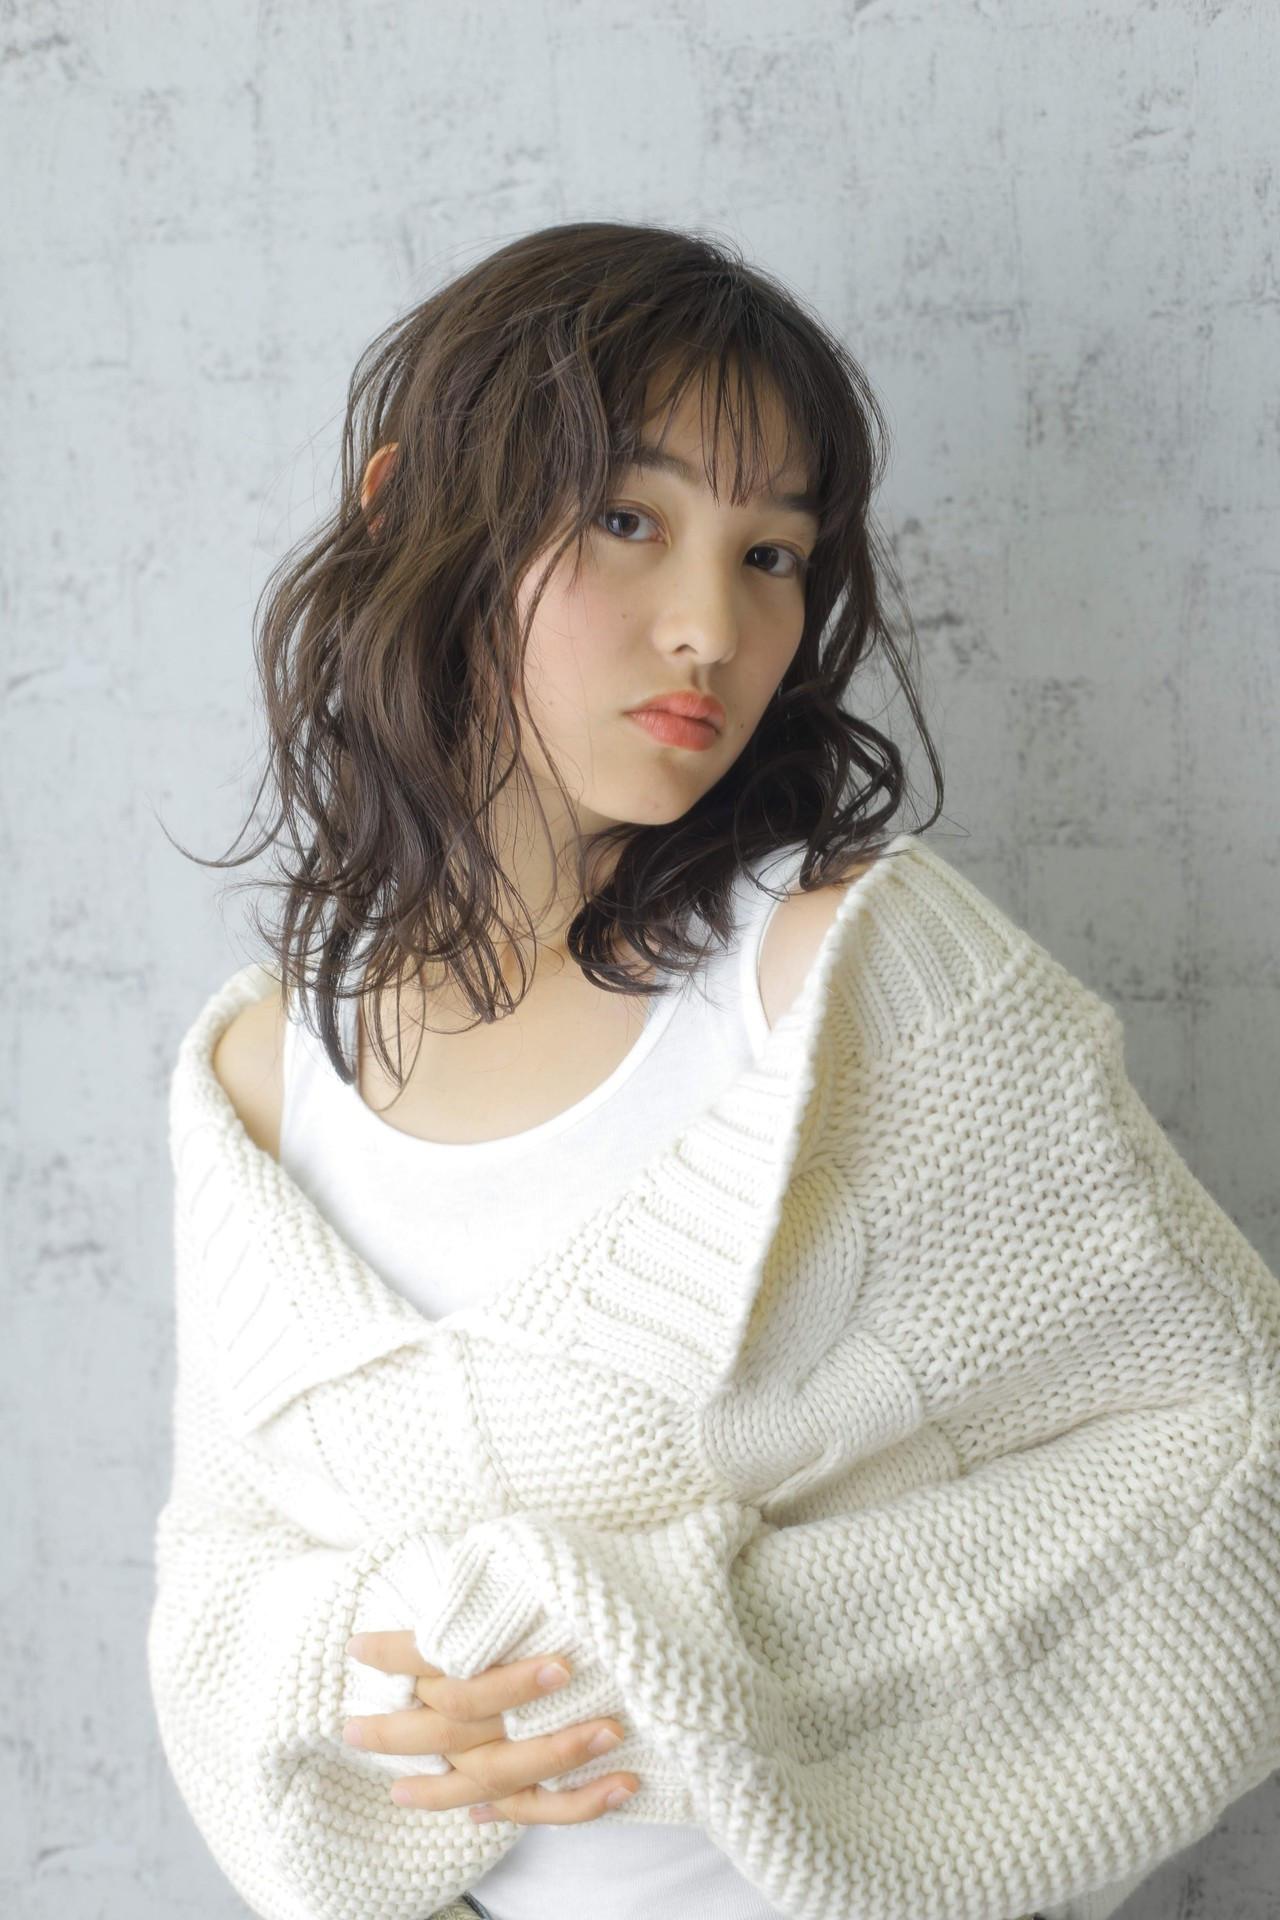 ミディアムレイヤー 大人かわいい ナチュラル 秋冬スタイル ヘアスタイルや髪型の写真・画像